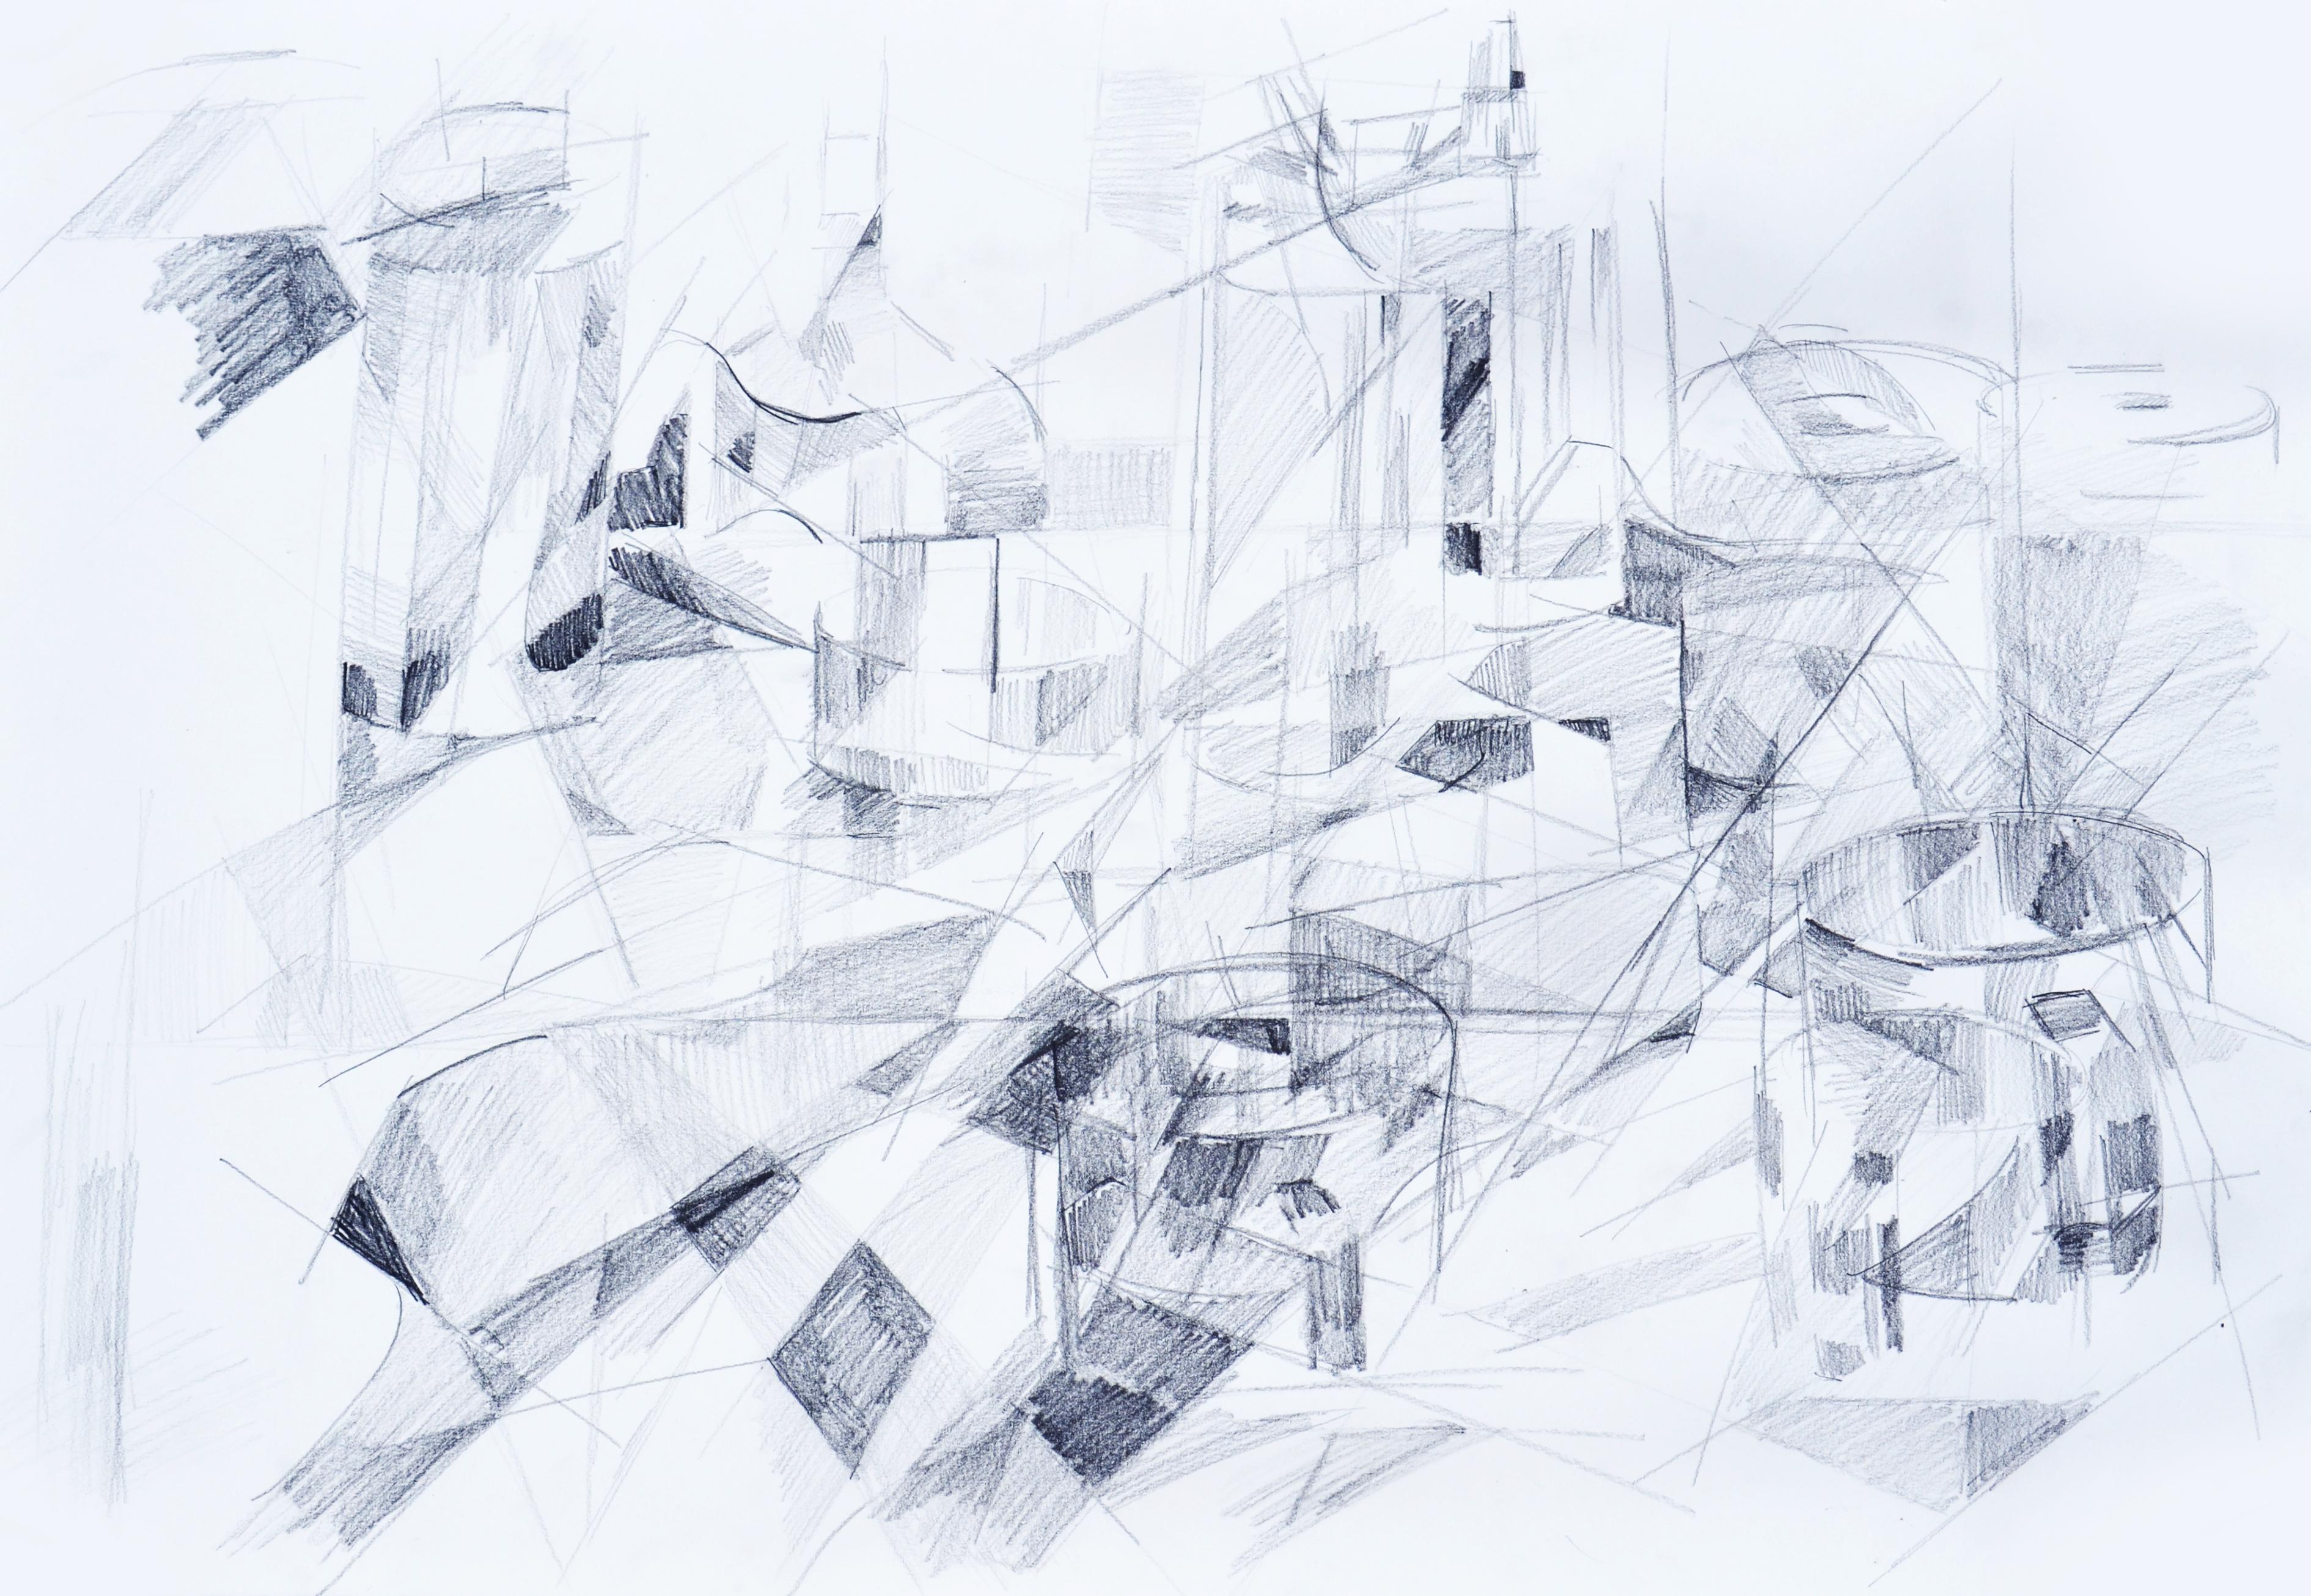 Cubism 1 - graphite - 22x30